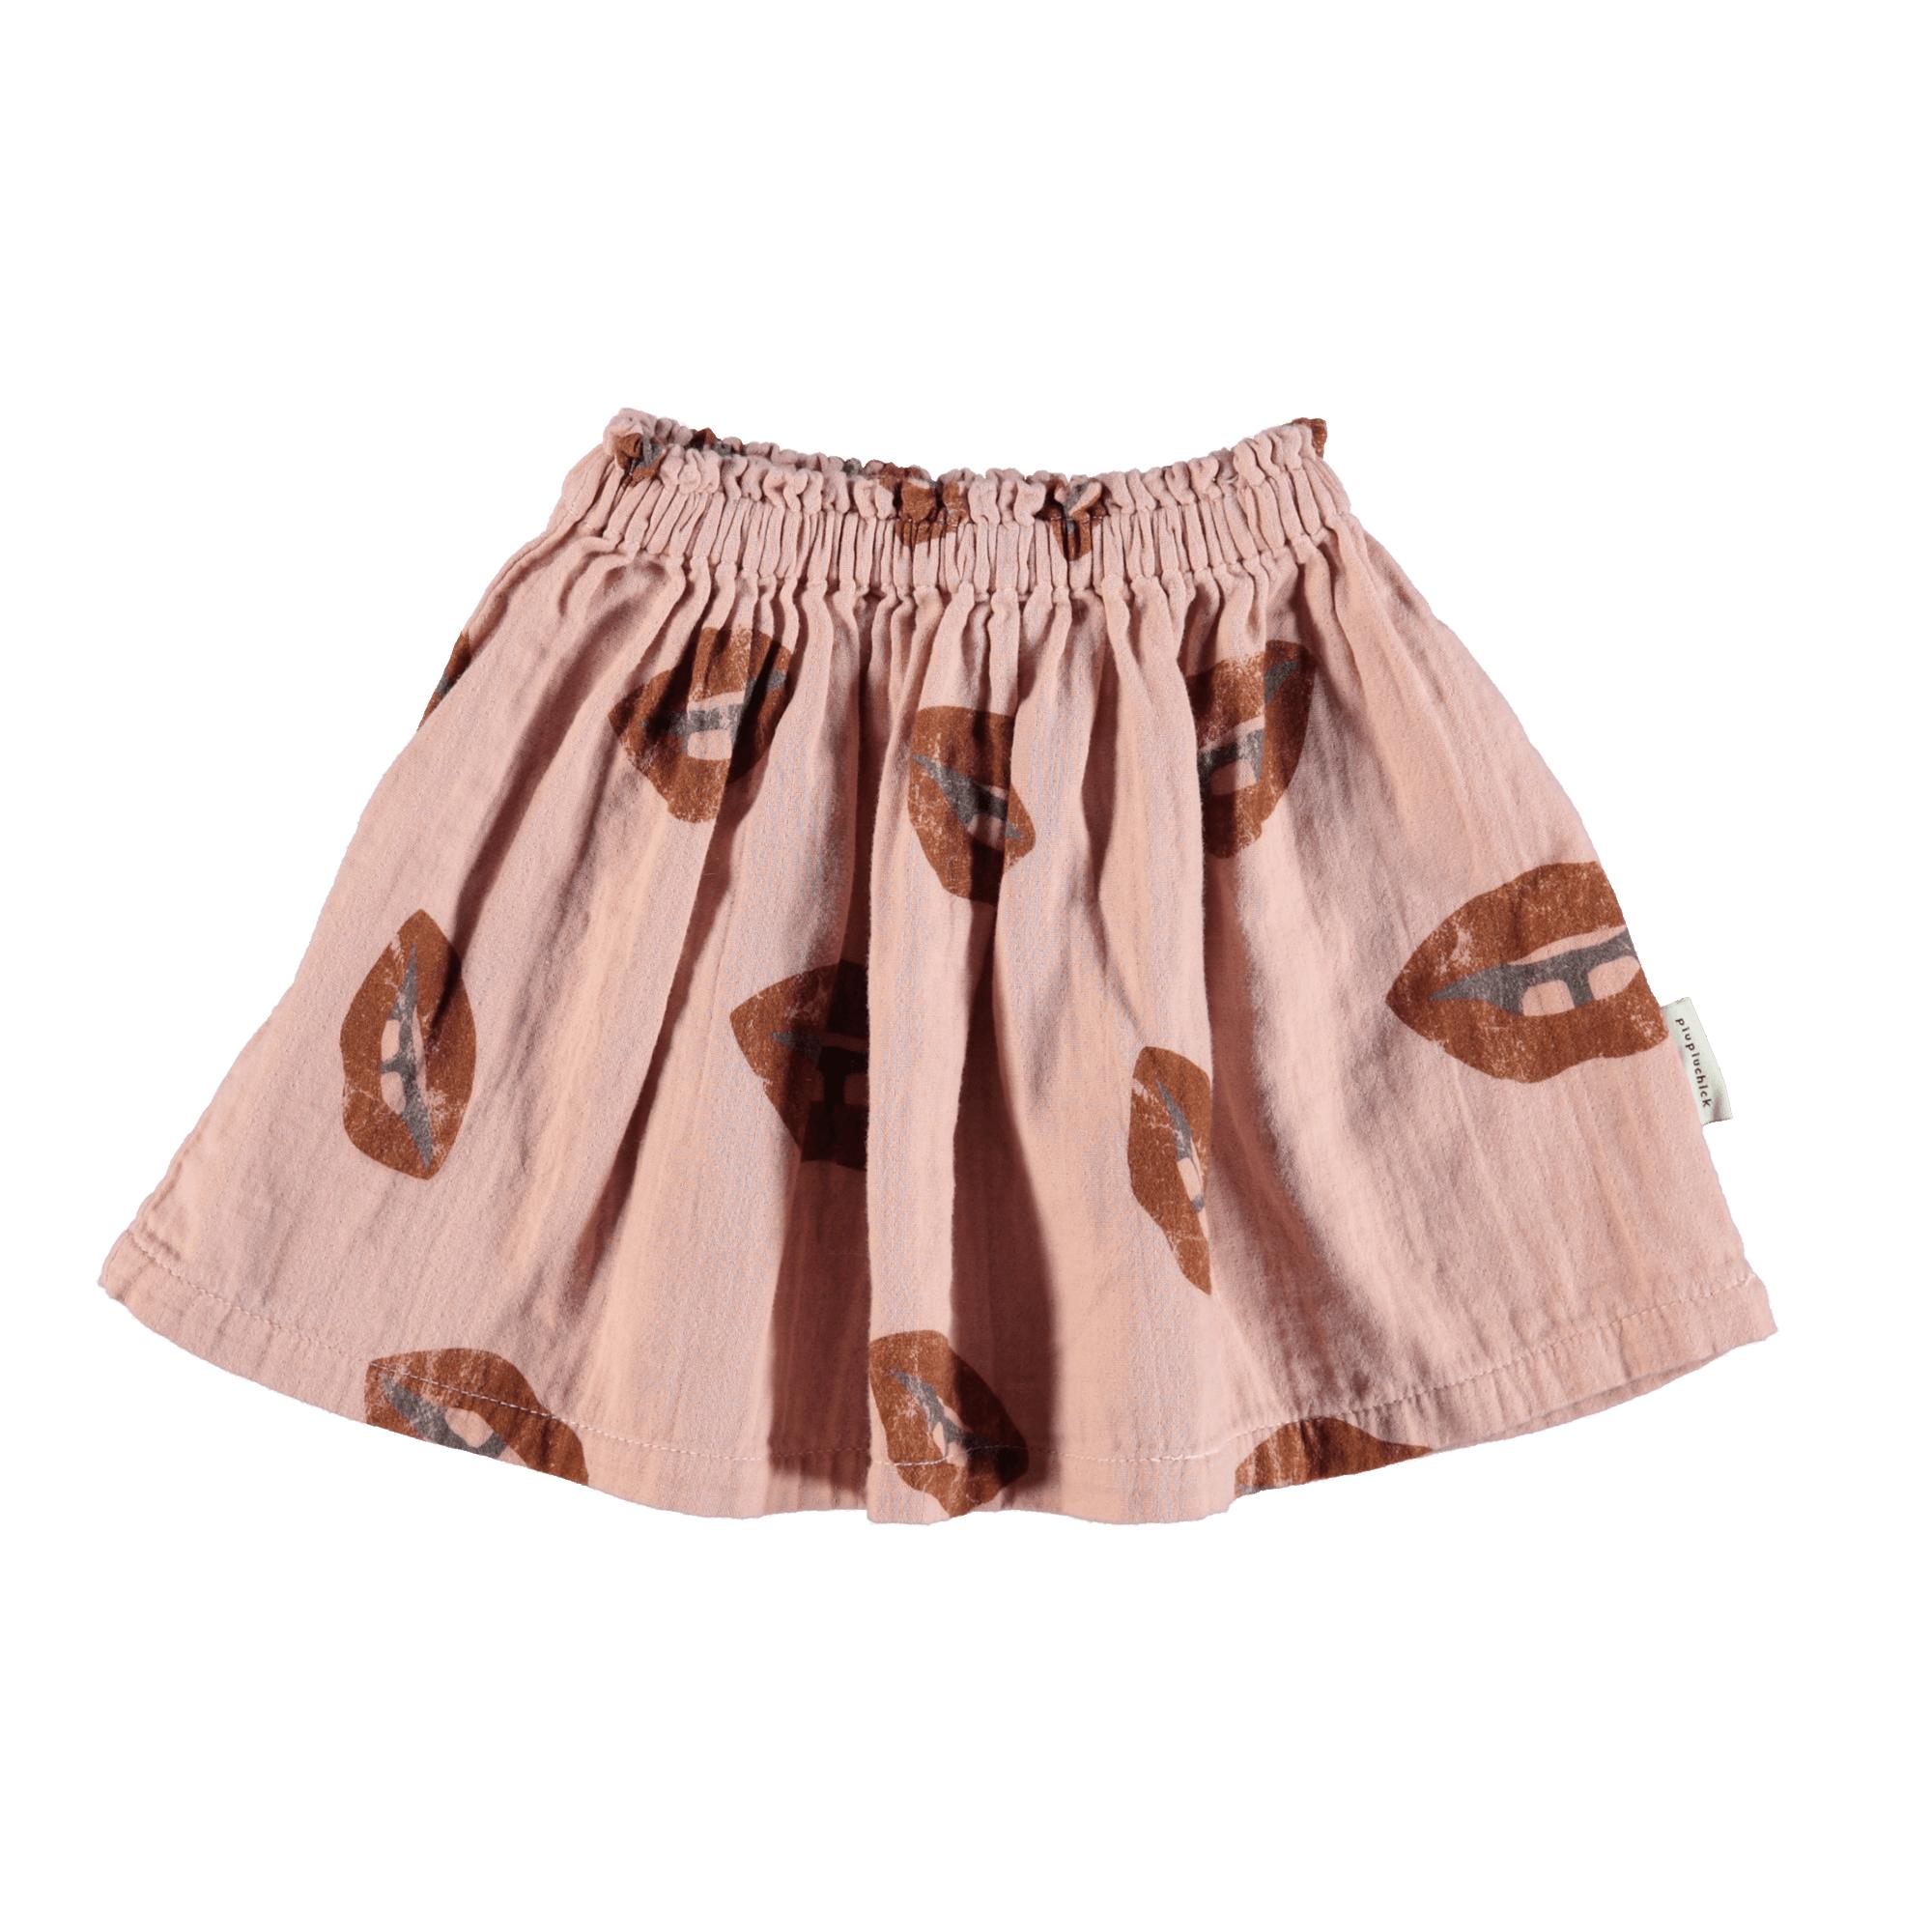 Short Skirt pink lips-1